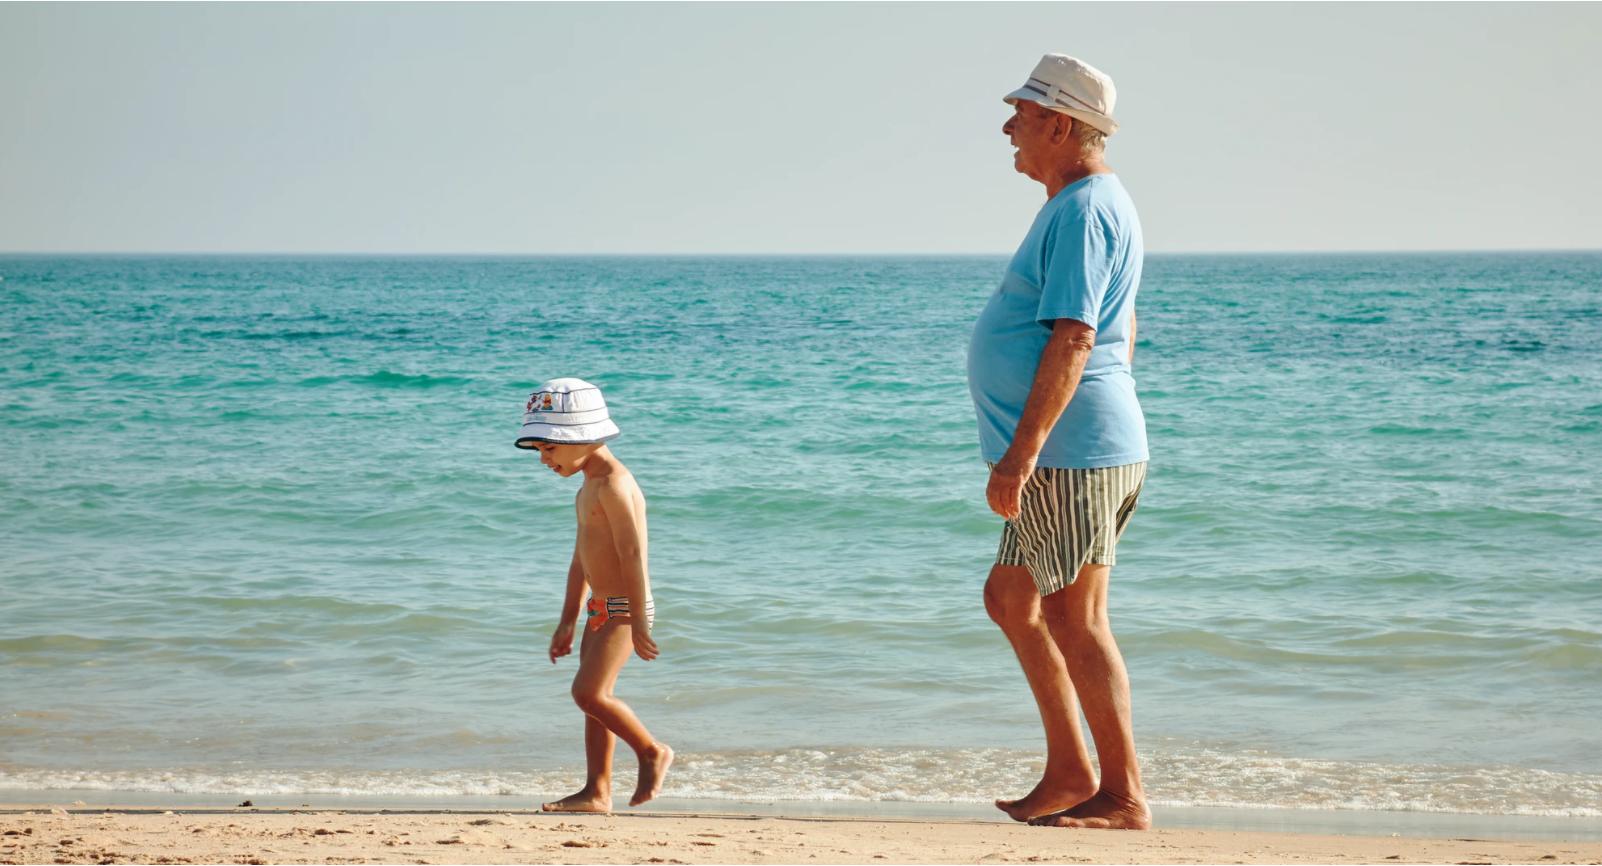 Pourquoi les voyages actifs multigénérationnels sont l'avenir des voyages en famille